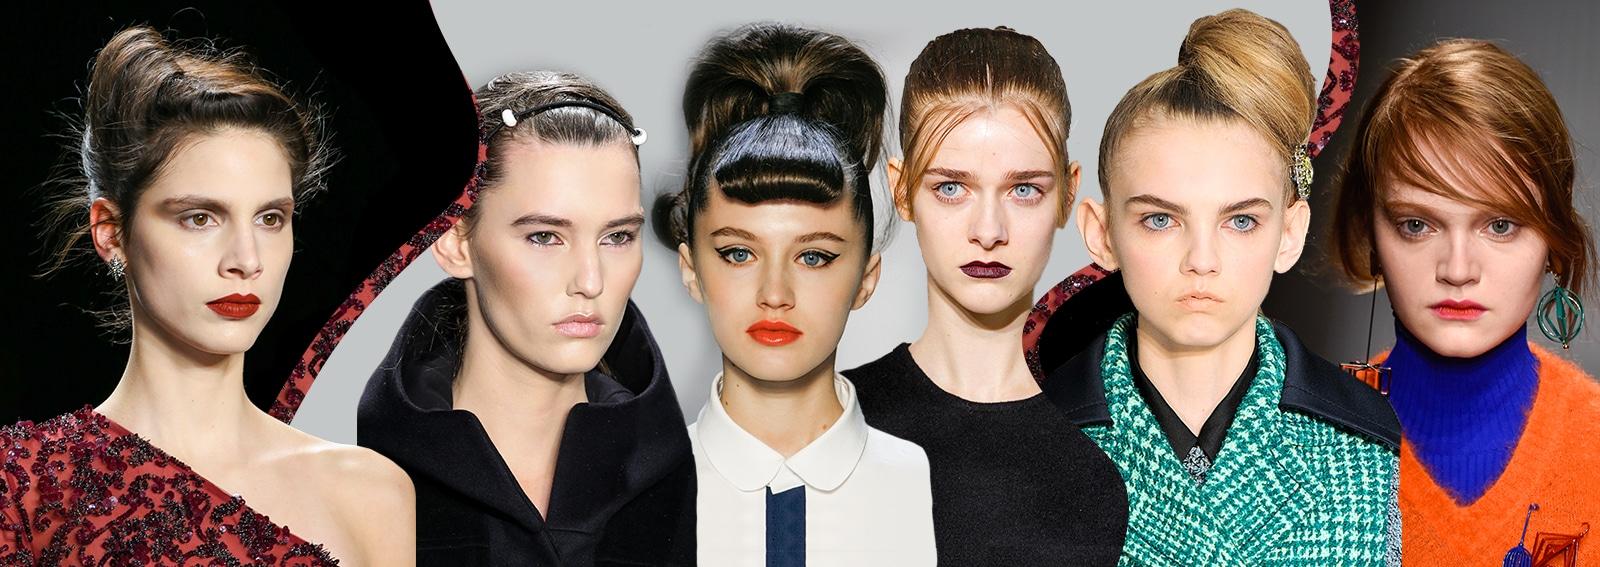 cover migliori haird ai 2015 desktop